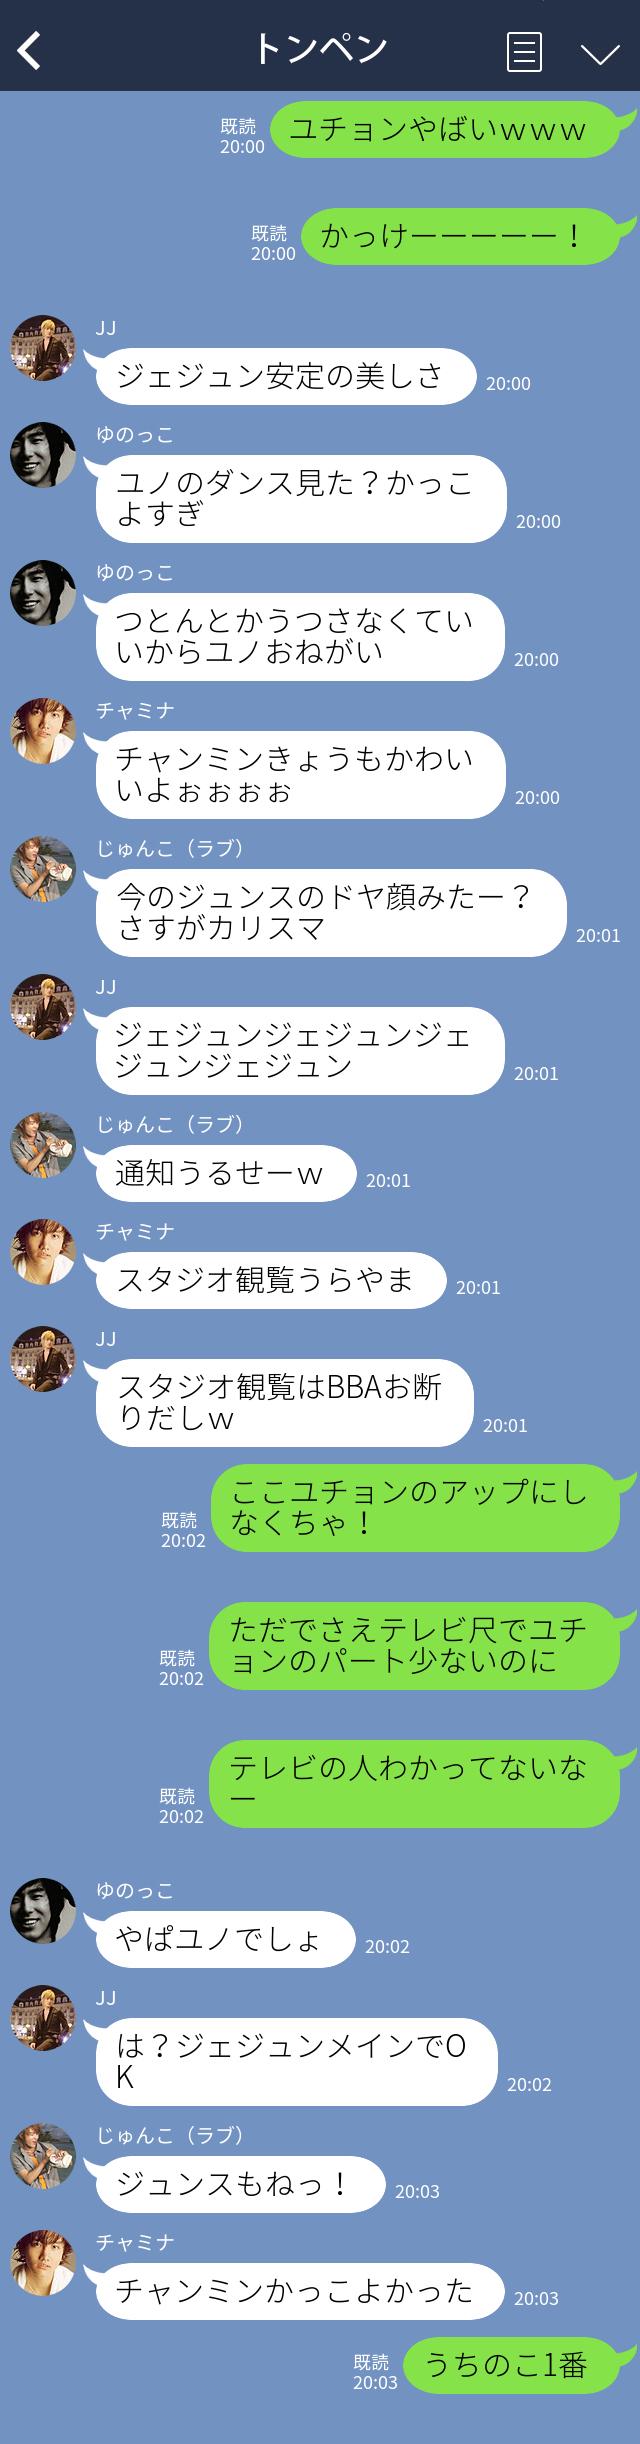 En_ob6IU.jpg